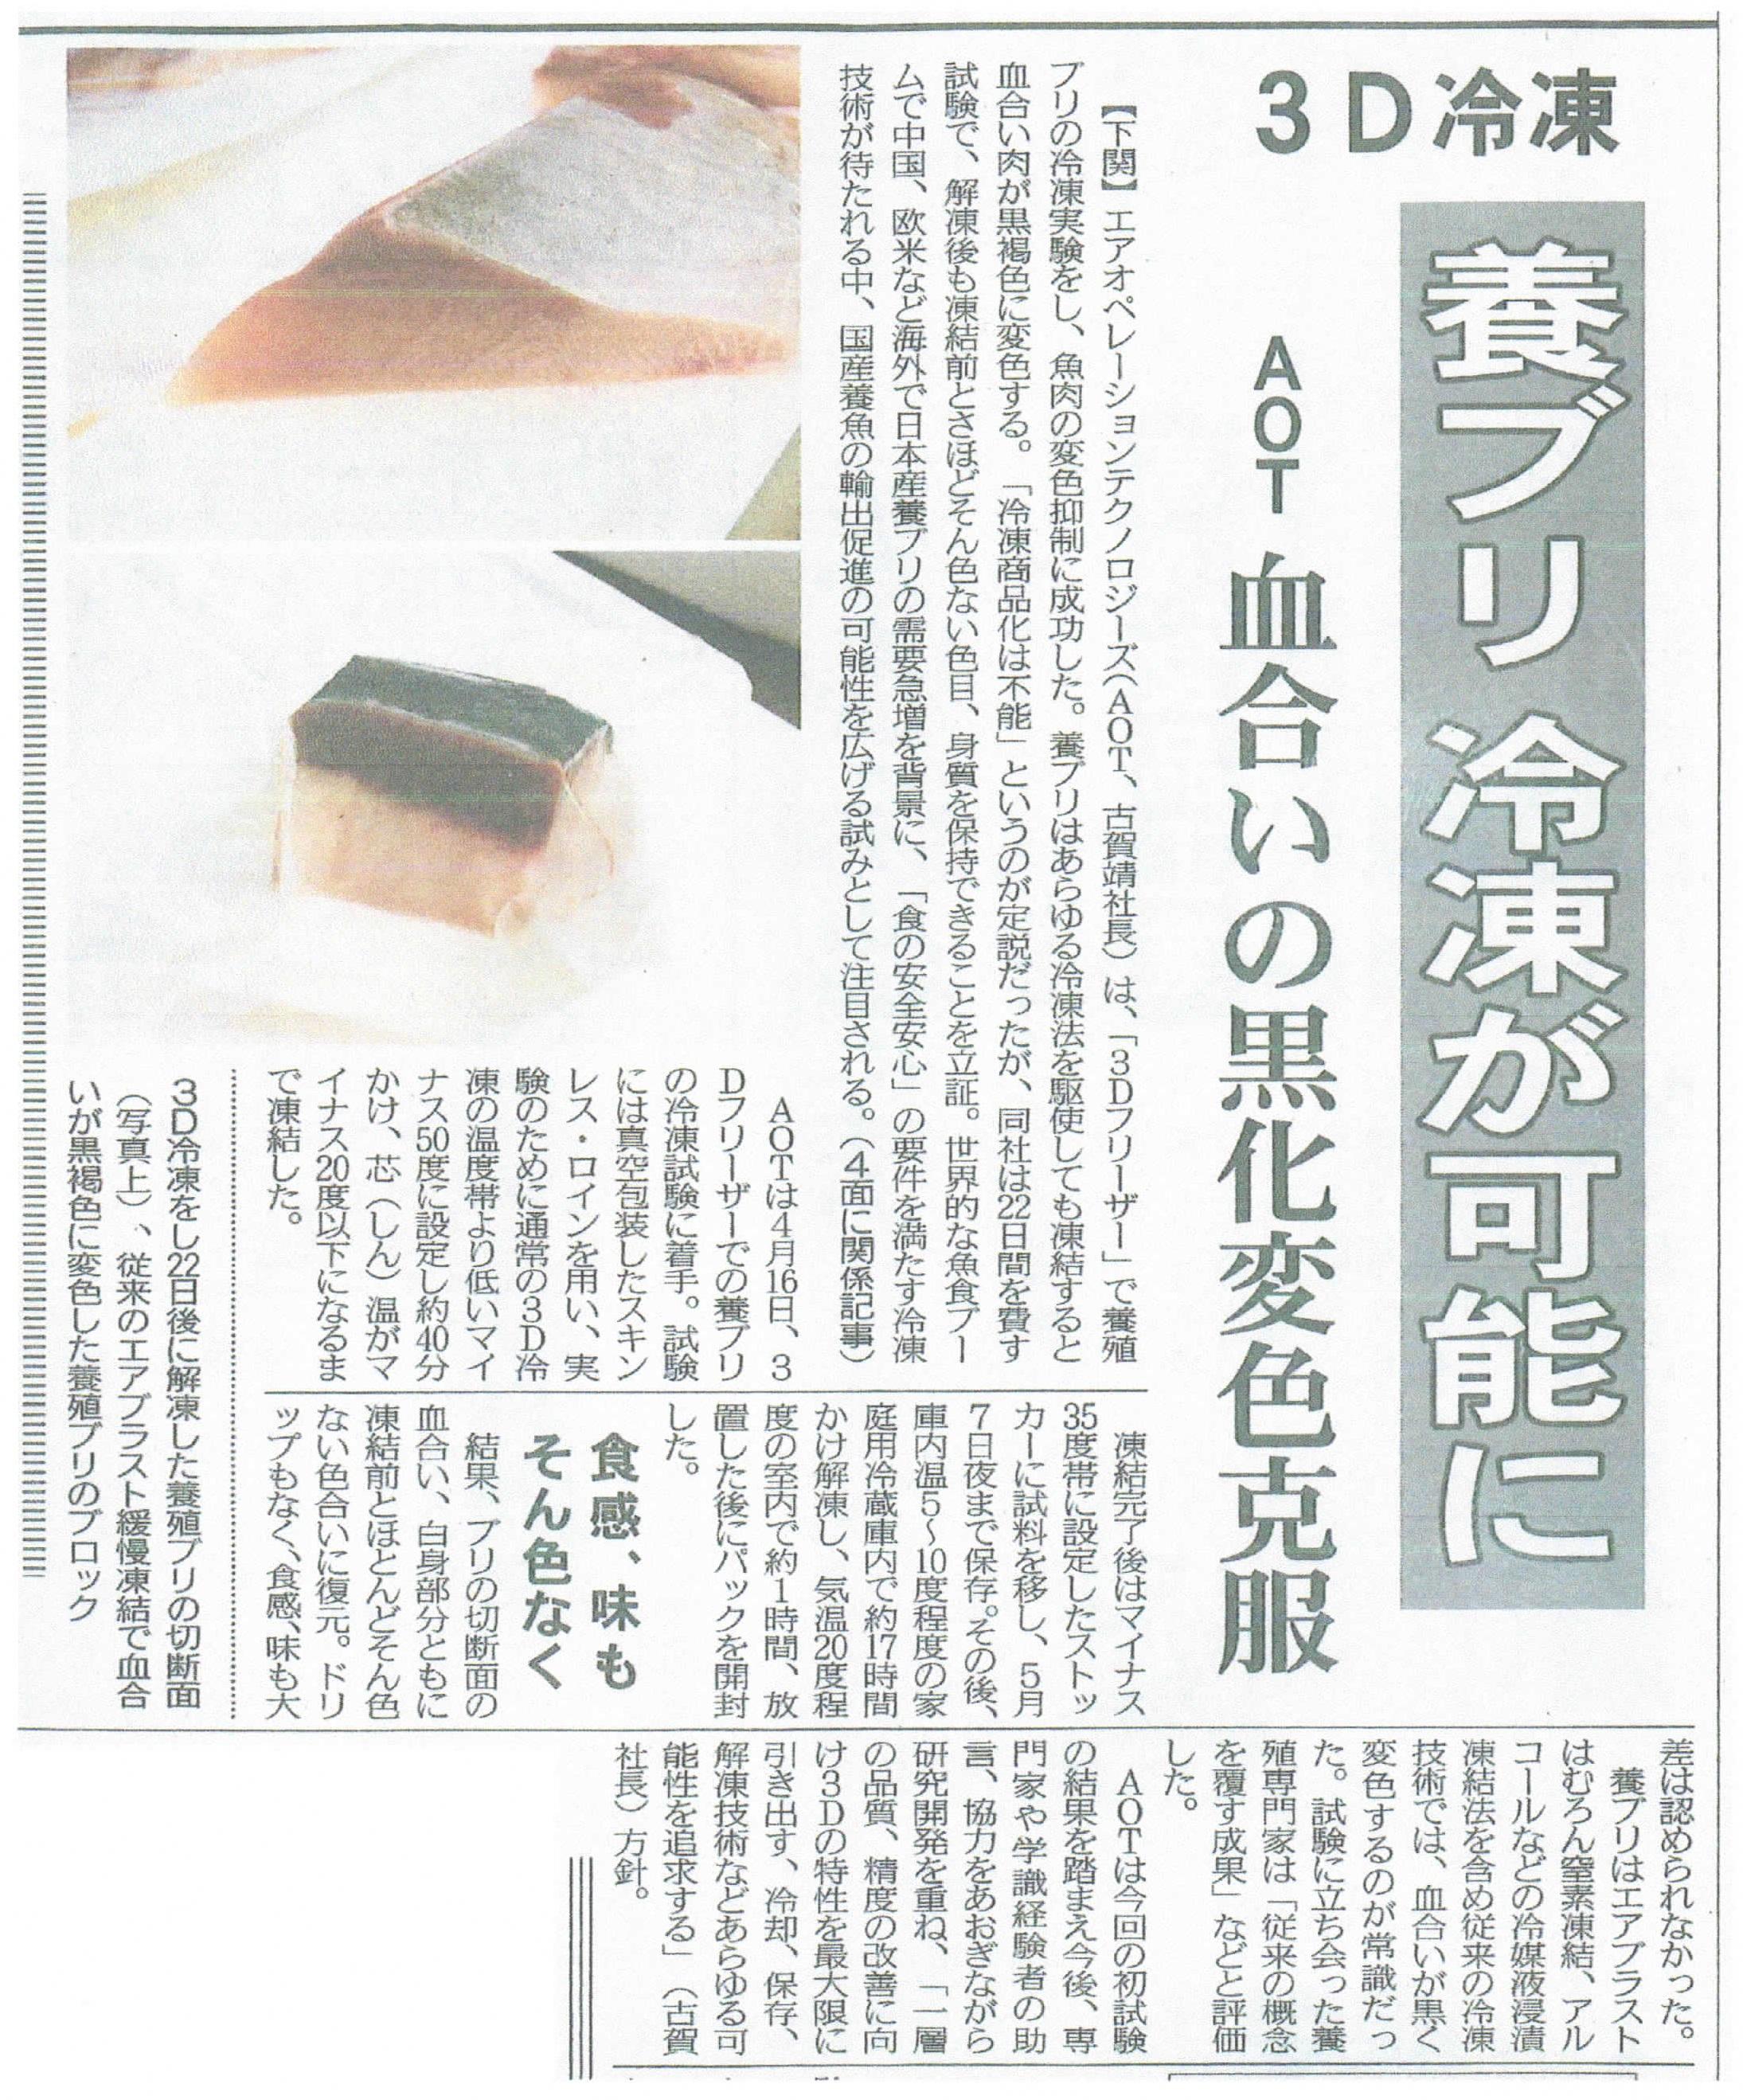 3Dメディア掲載みなと新聞